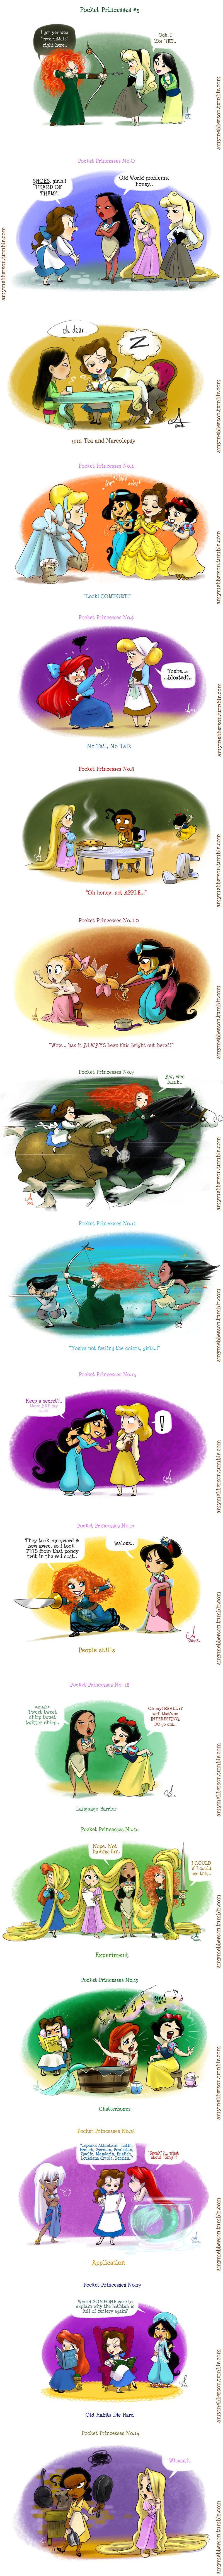 Funny Disney Pocket Princesses Comics http://geektyrant.com/news/2012/6/3/funny-disney-pocket-princesses-comics.html